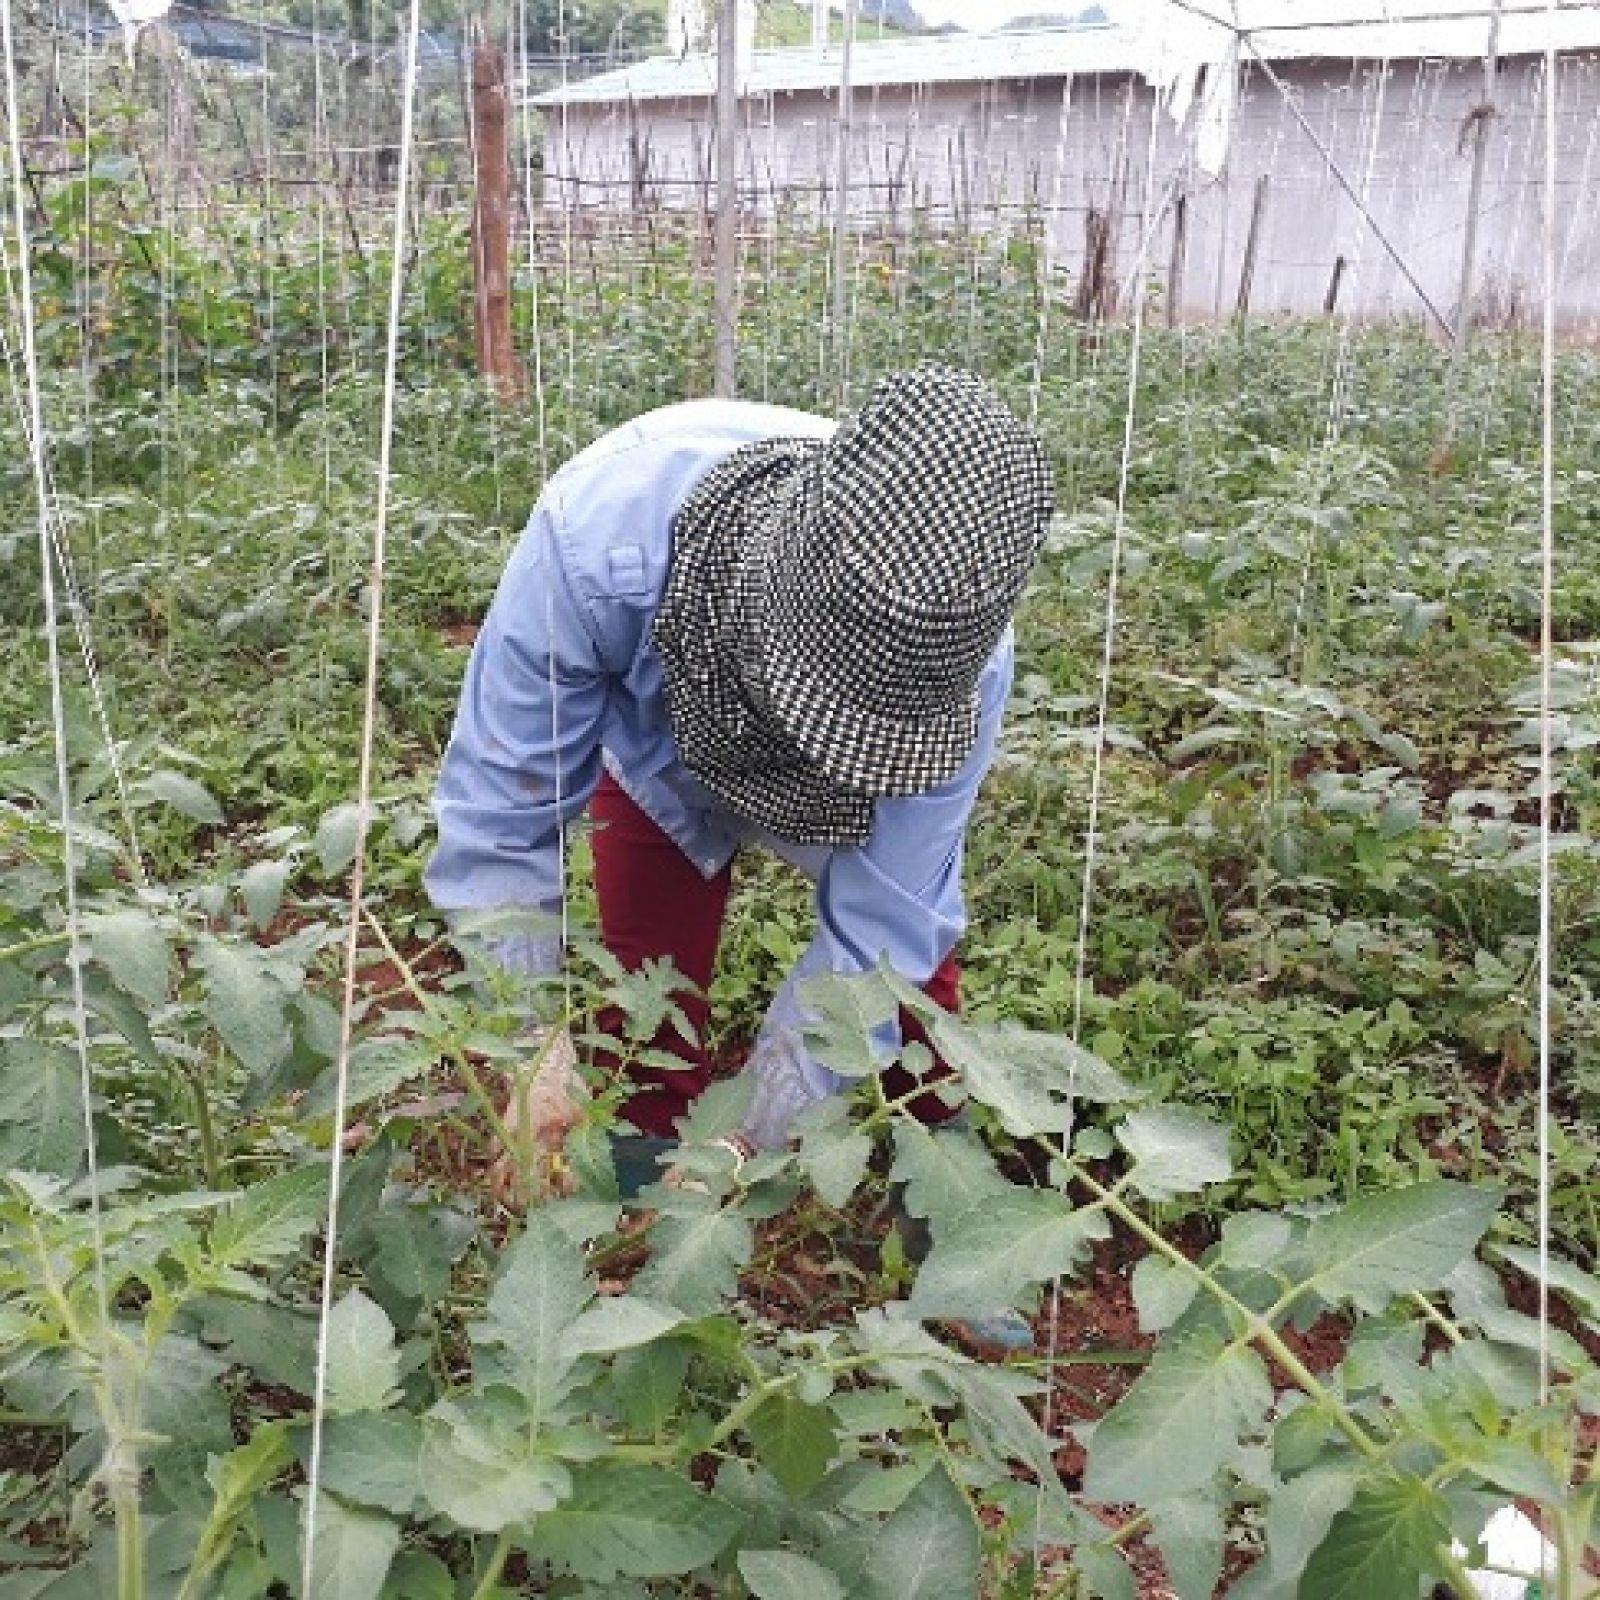 Cây cà chua phát triển tới đâu, bà May dùng dây cuốn tới đấy, giúp thân cây luôn thẳng